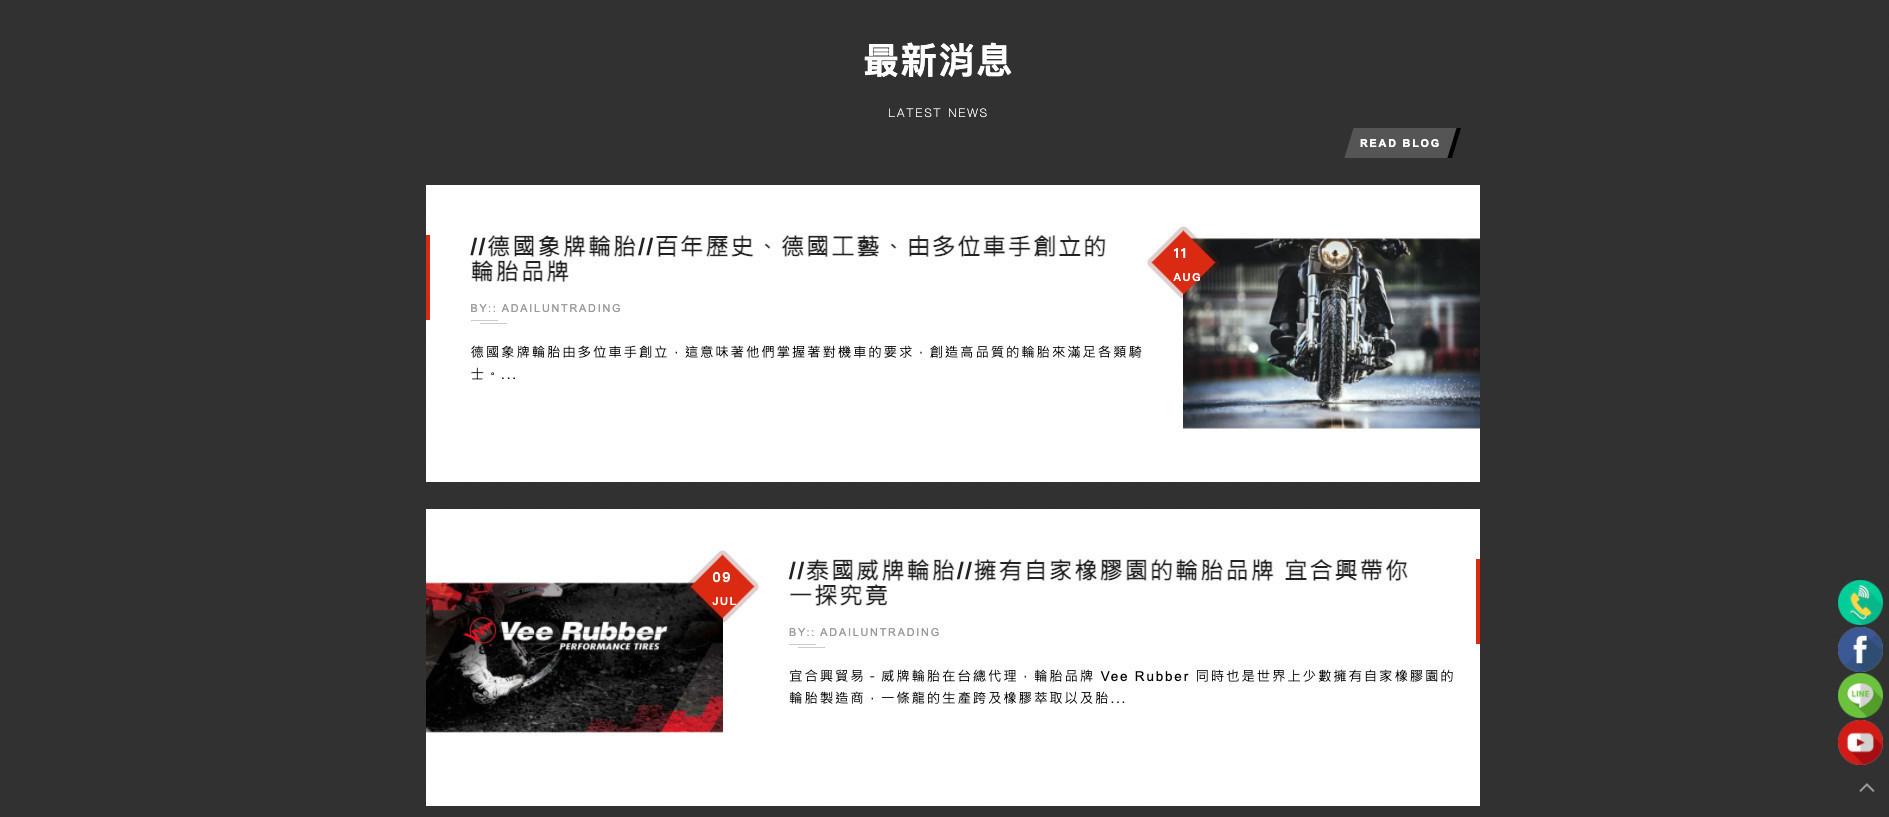 高雄SEO優化網頁設計成功案例-最新消息 宜合興機車零件及輪胎貿易商